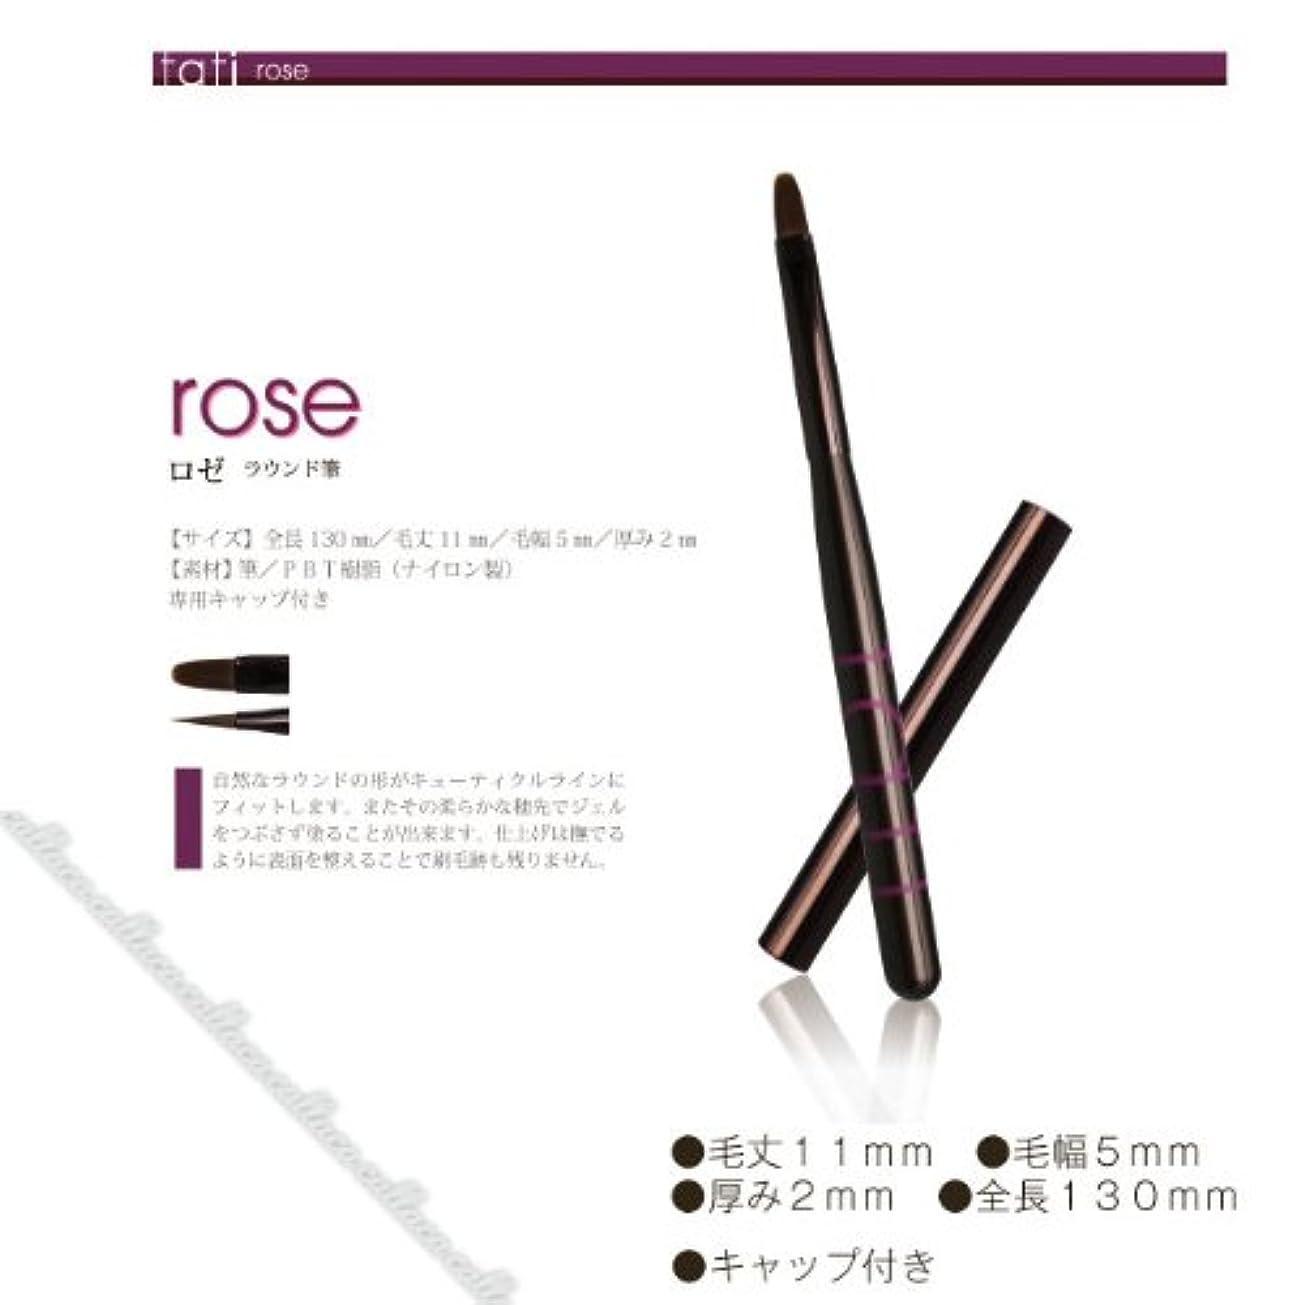 イデオロギー真似る空虚tati ジェル ブラシアートショコラ rose (ロゼ)